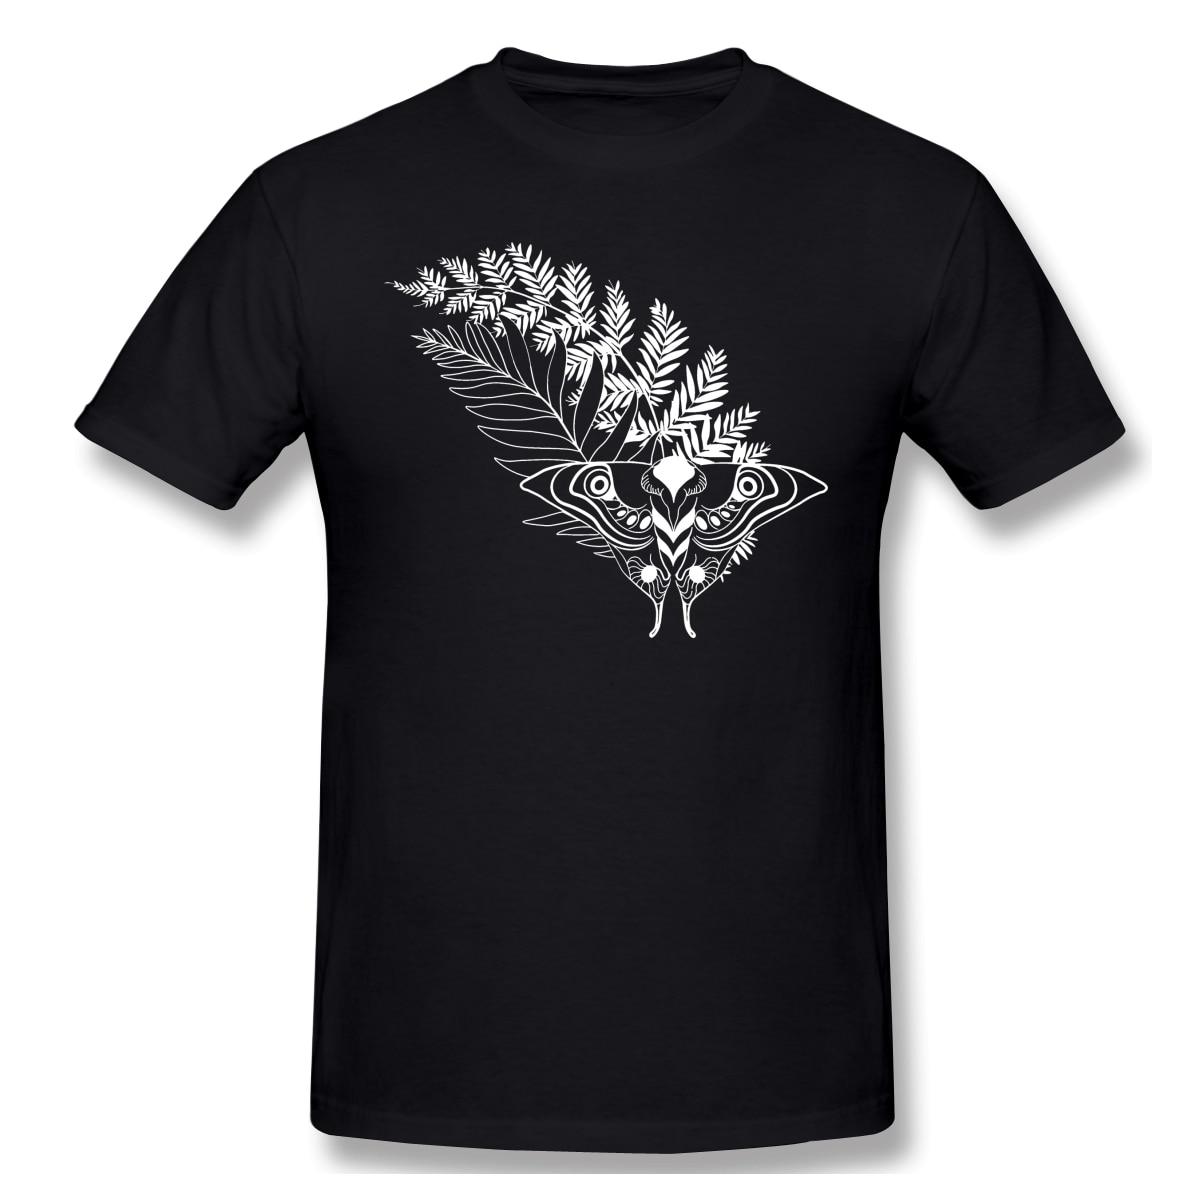 Camiseta informal de Ellie Tattoo - TLOU2 (blanca sobre negra), gran oferta, camiseta de los últimos 100% de ee.uu., camisetas de algodón con cuello redondo